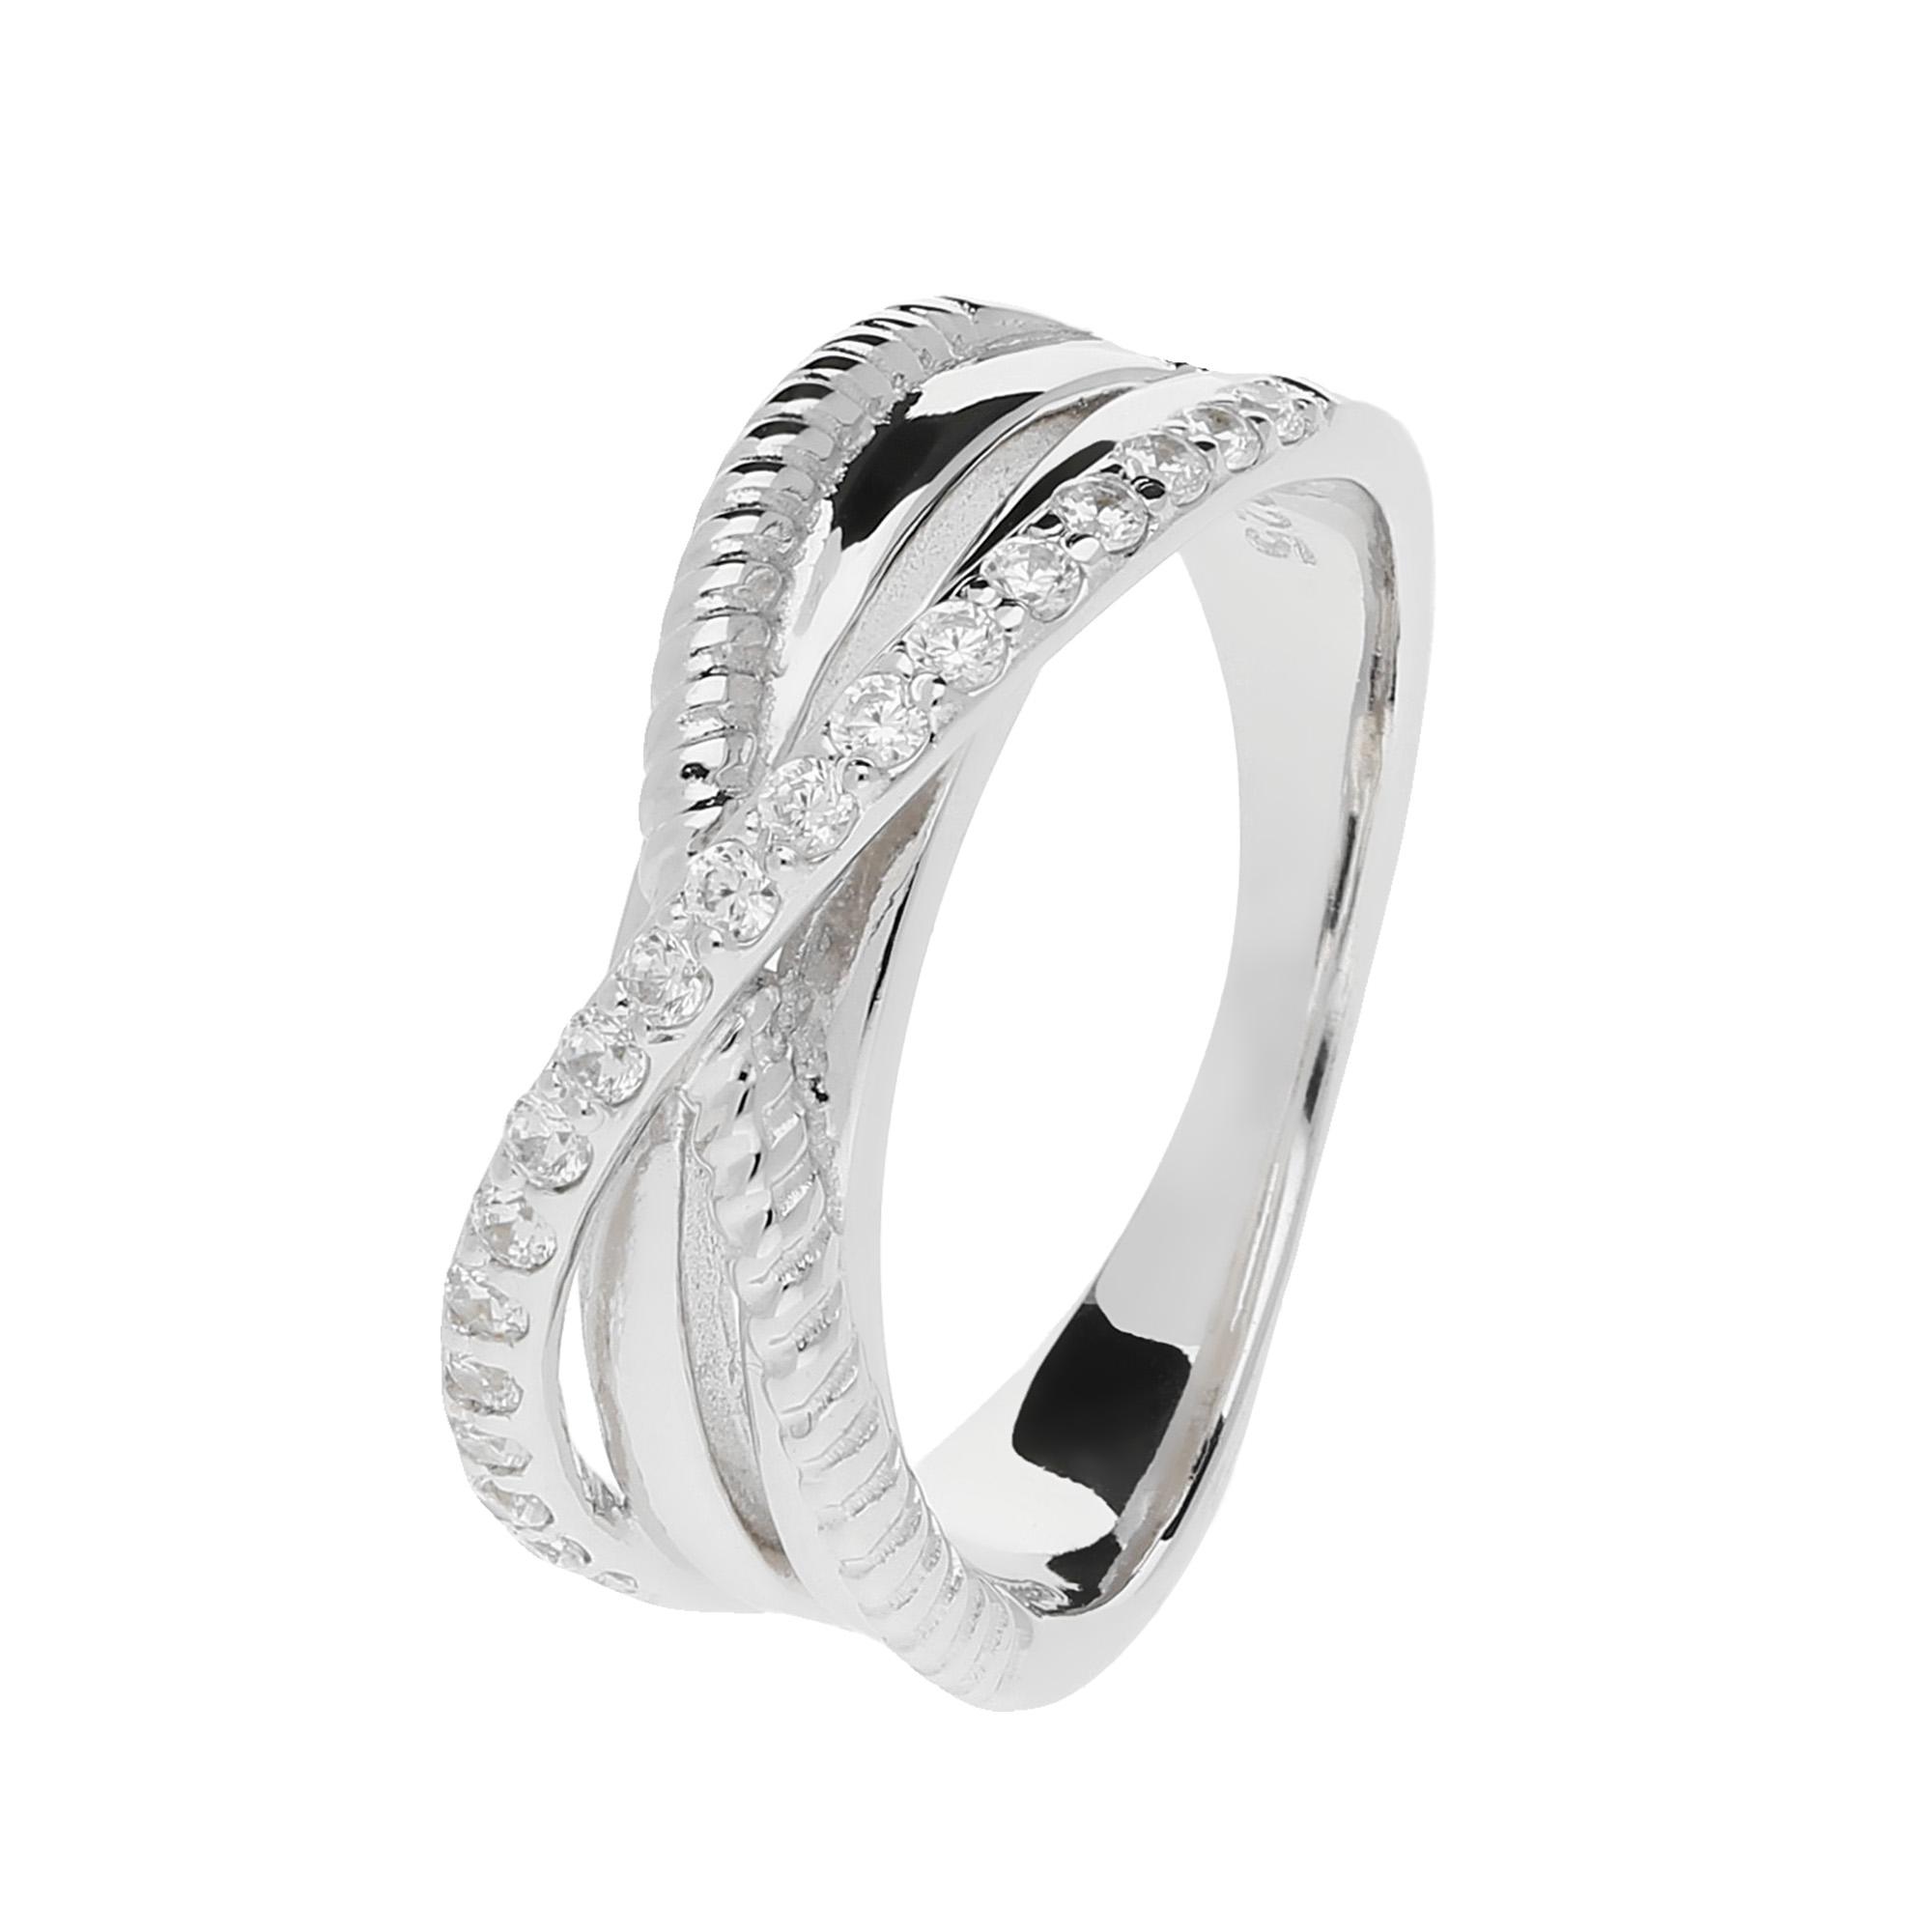 Juwelier Kraemer Ring Zirkonia 925 Silber 52 Mm Juwelier